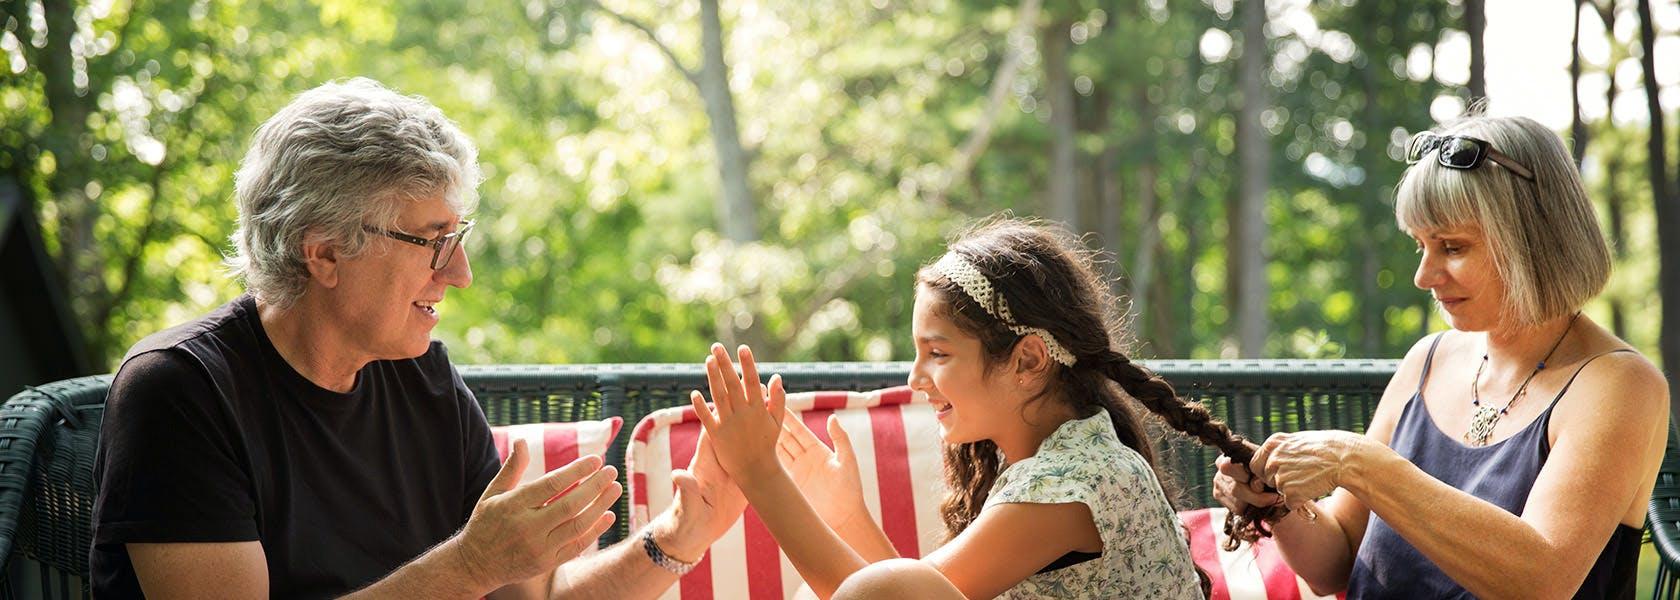 Người đàn ông trung niên chơi vỗ tay cùng cháu gái